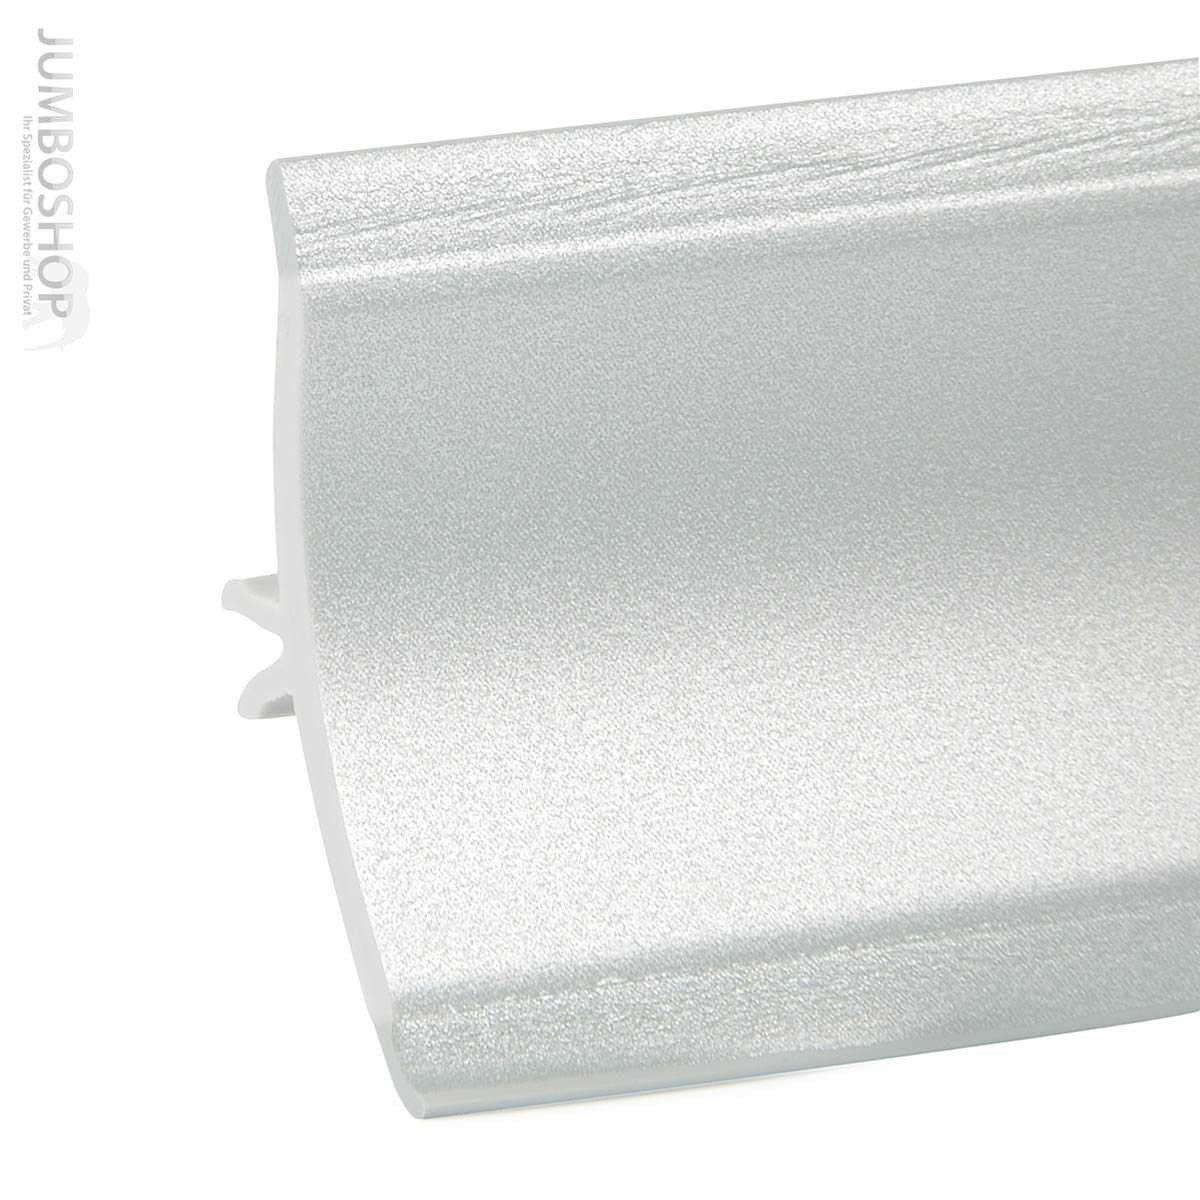 Abschlussleiste Küche. Wasserhahn Küche Dichtung Wechseln 160 Cm ...